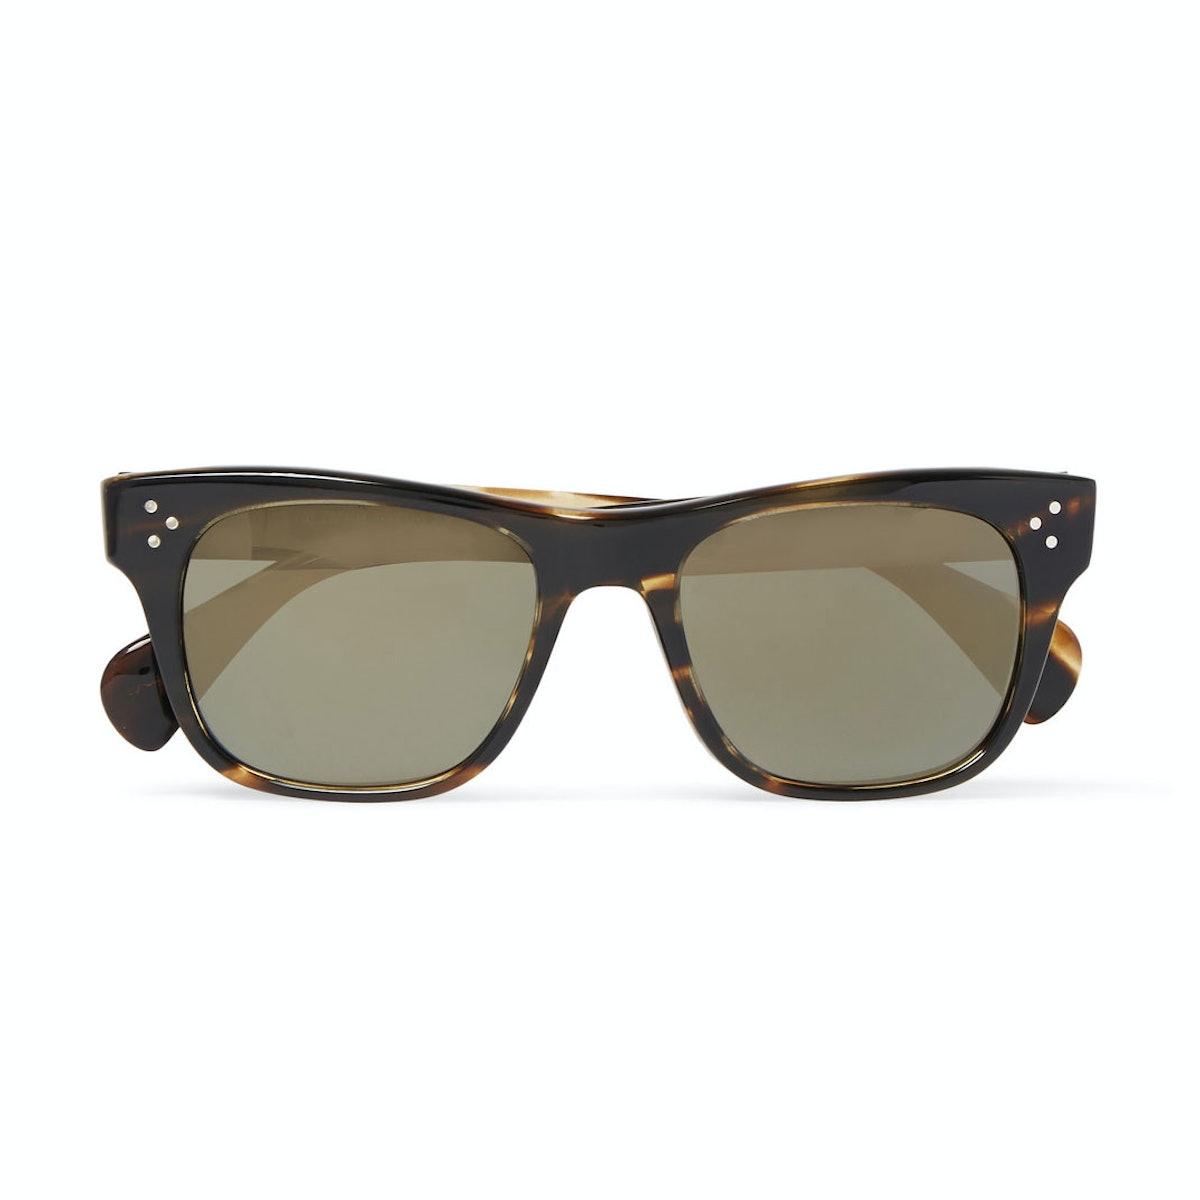 Jack Huston x Oliver Peoples sunglasses